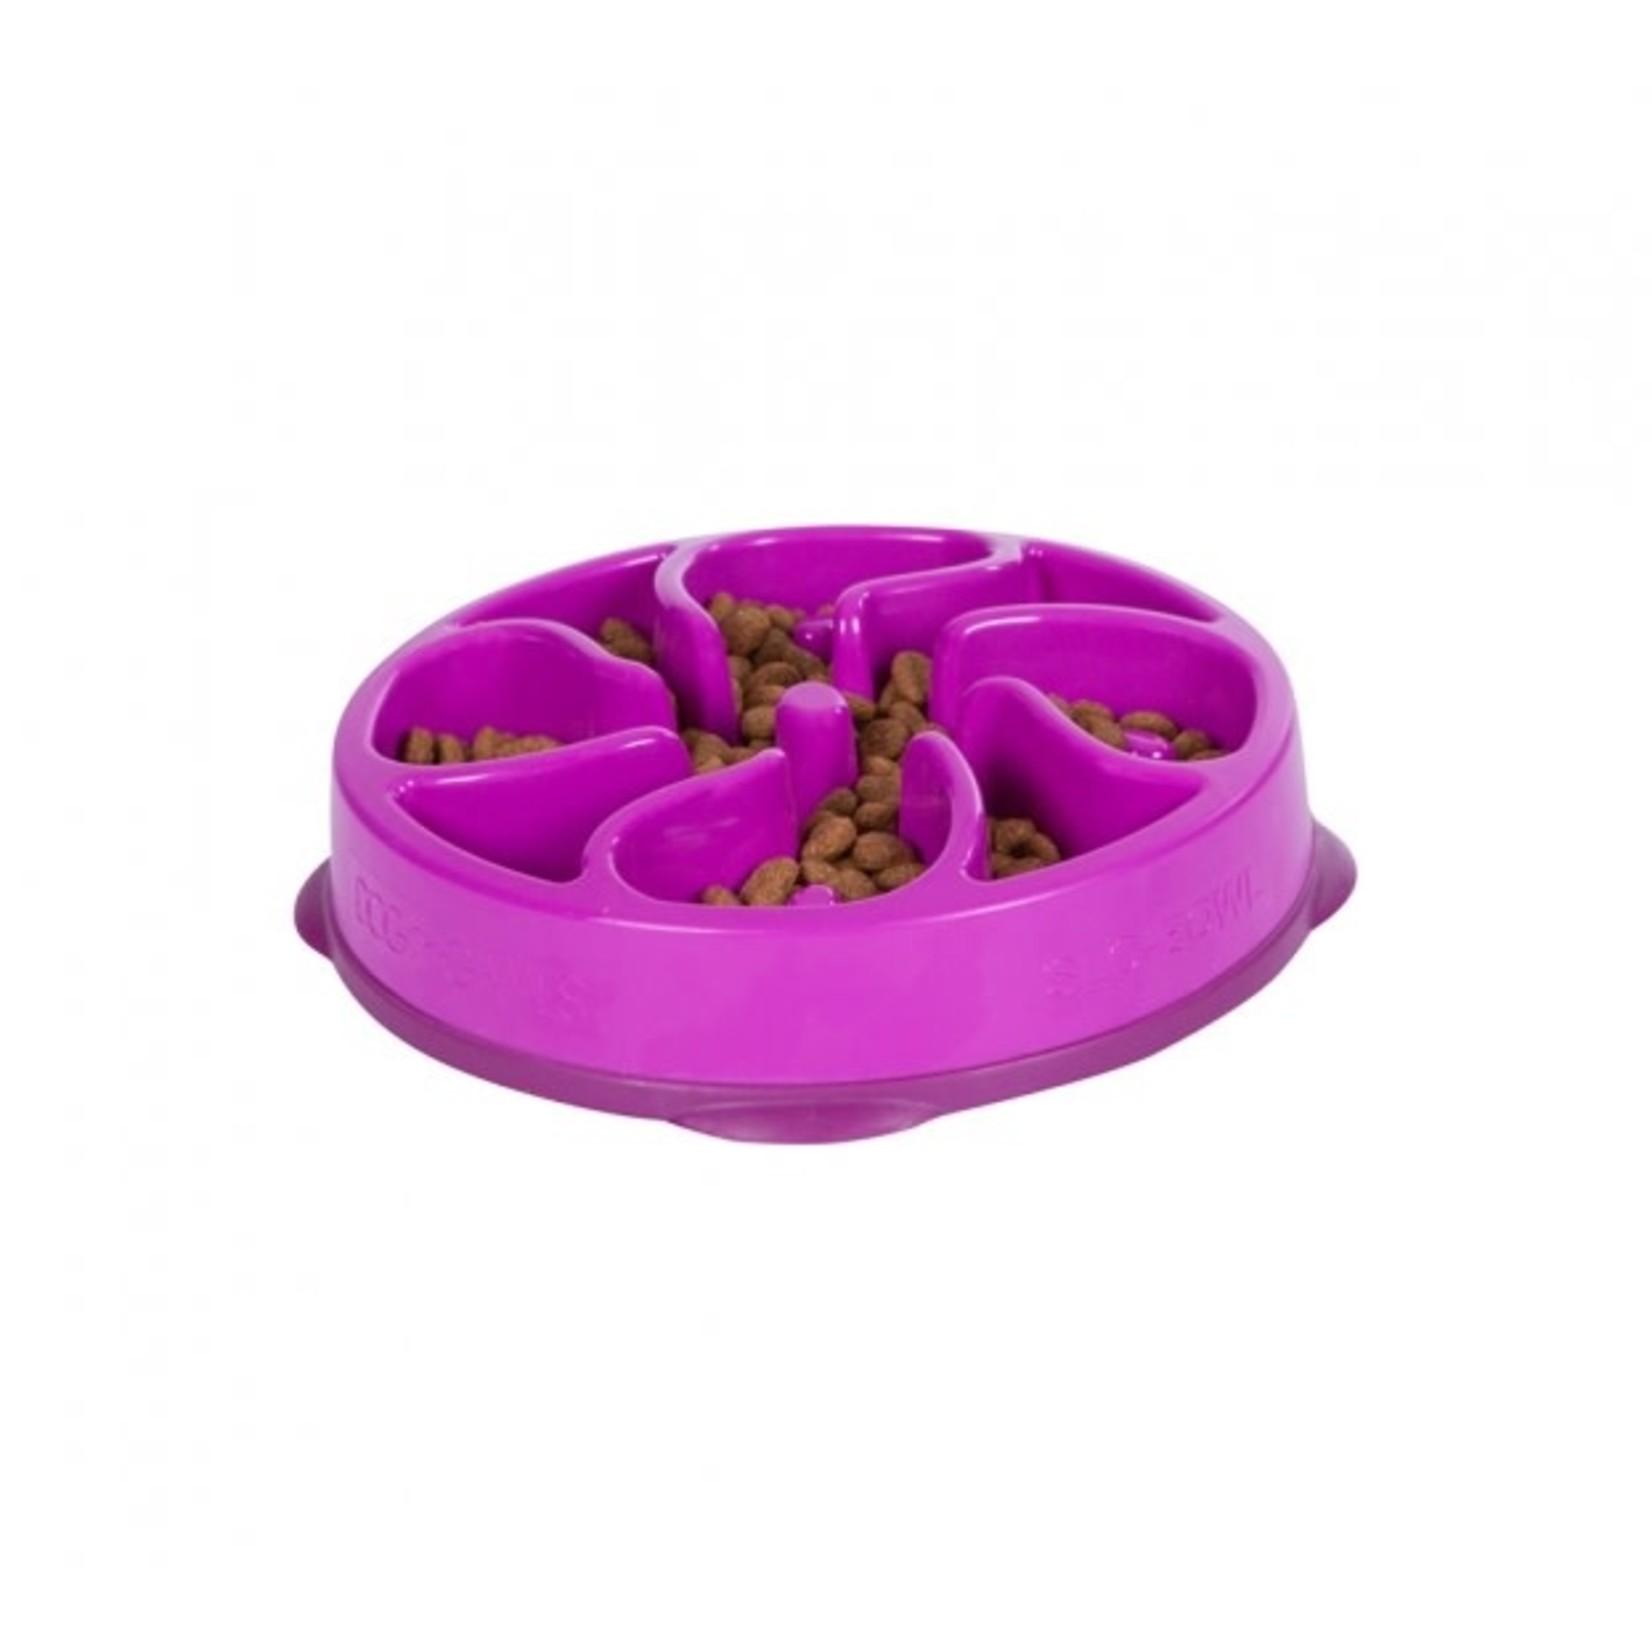 Outward Hound Outward Hound Fun Feeder Mini Purple